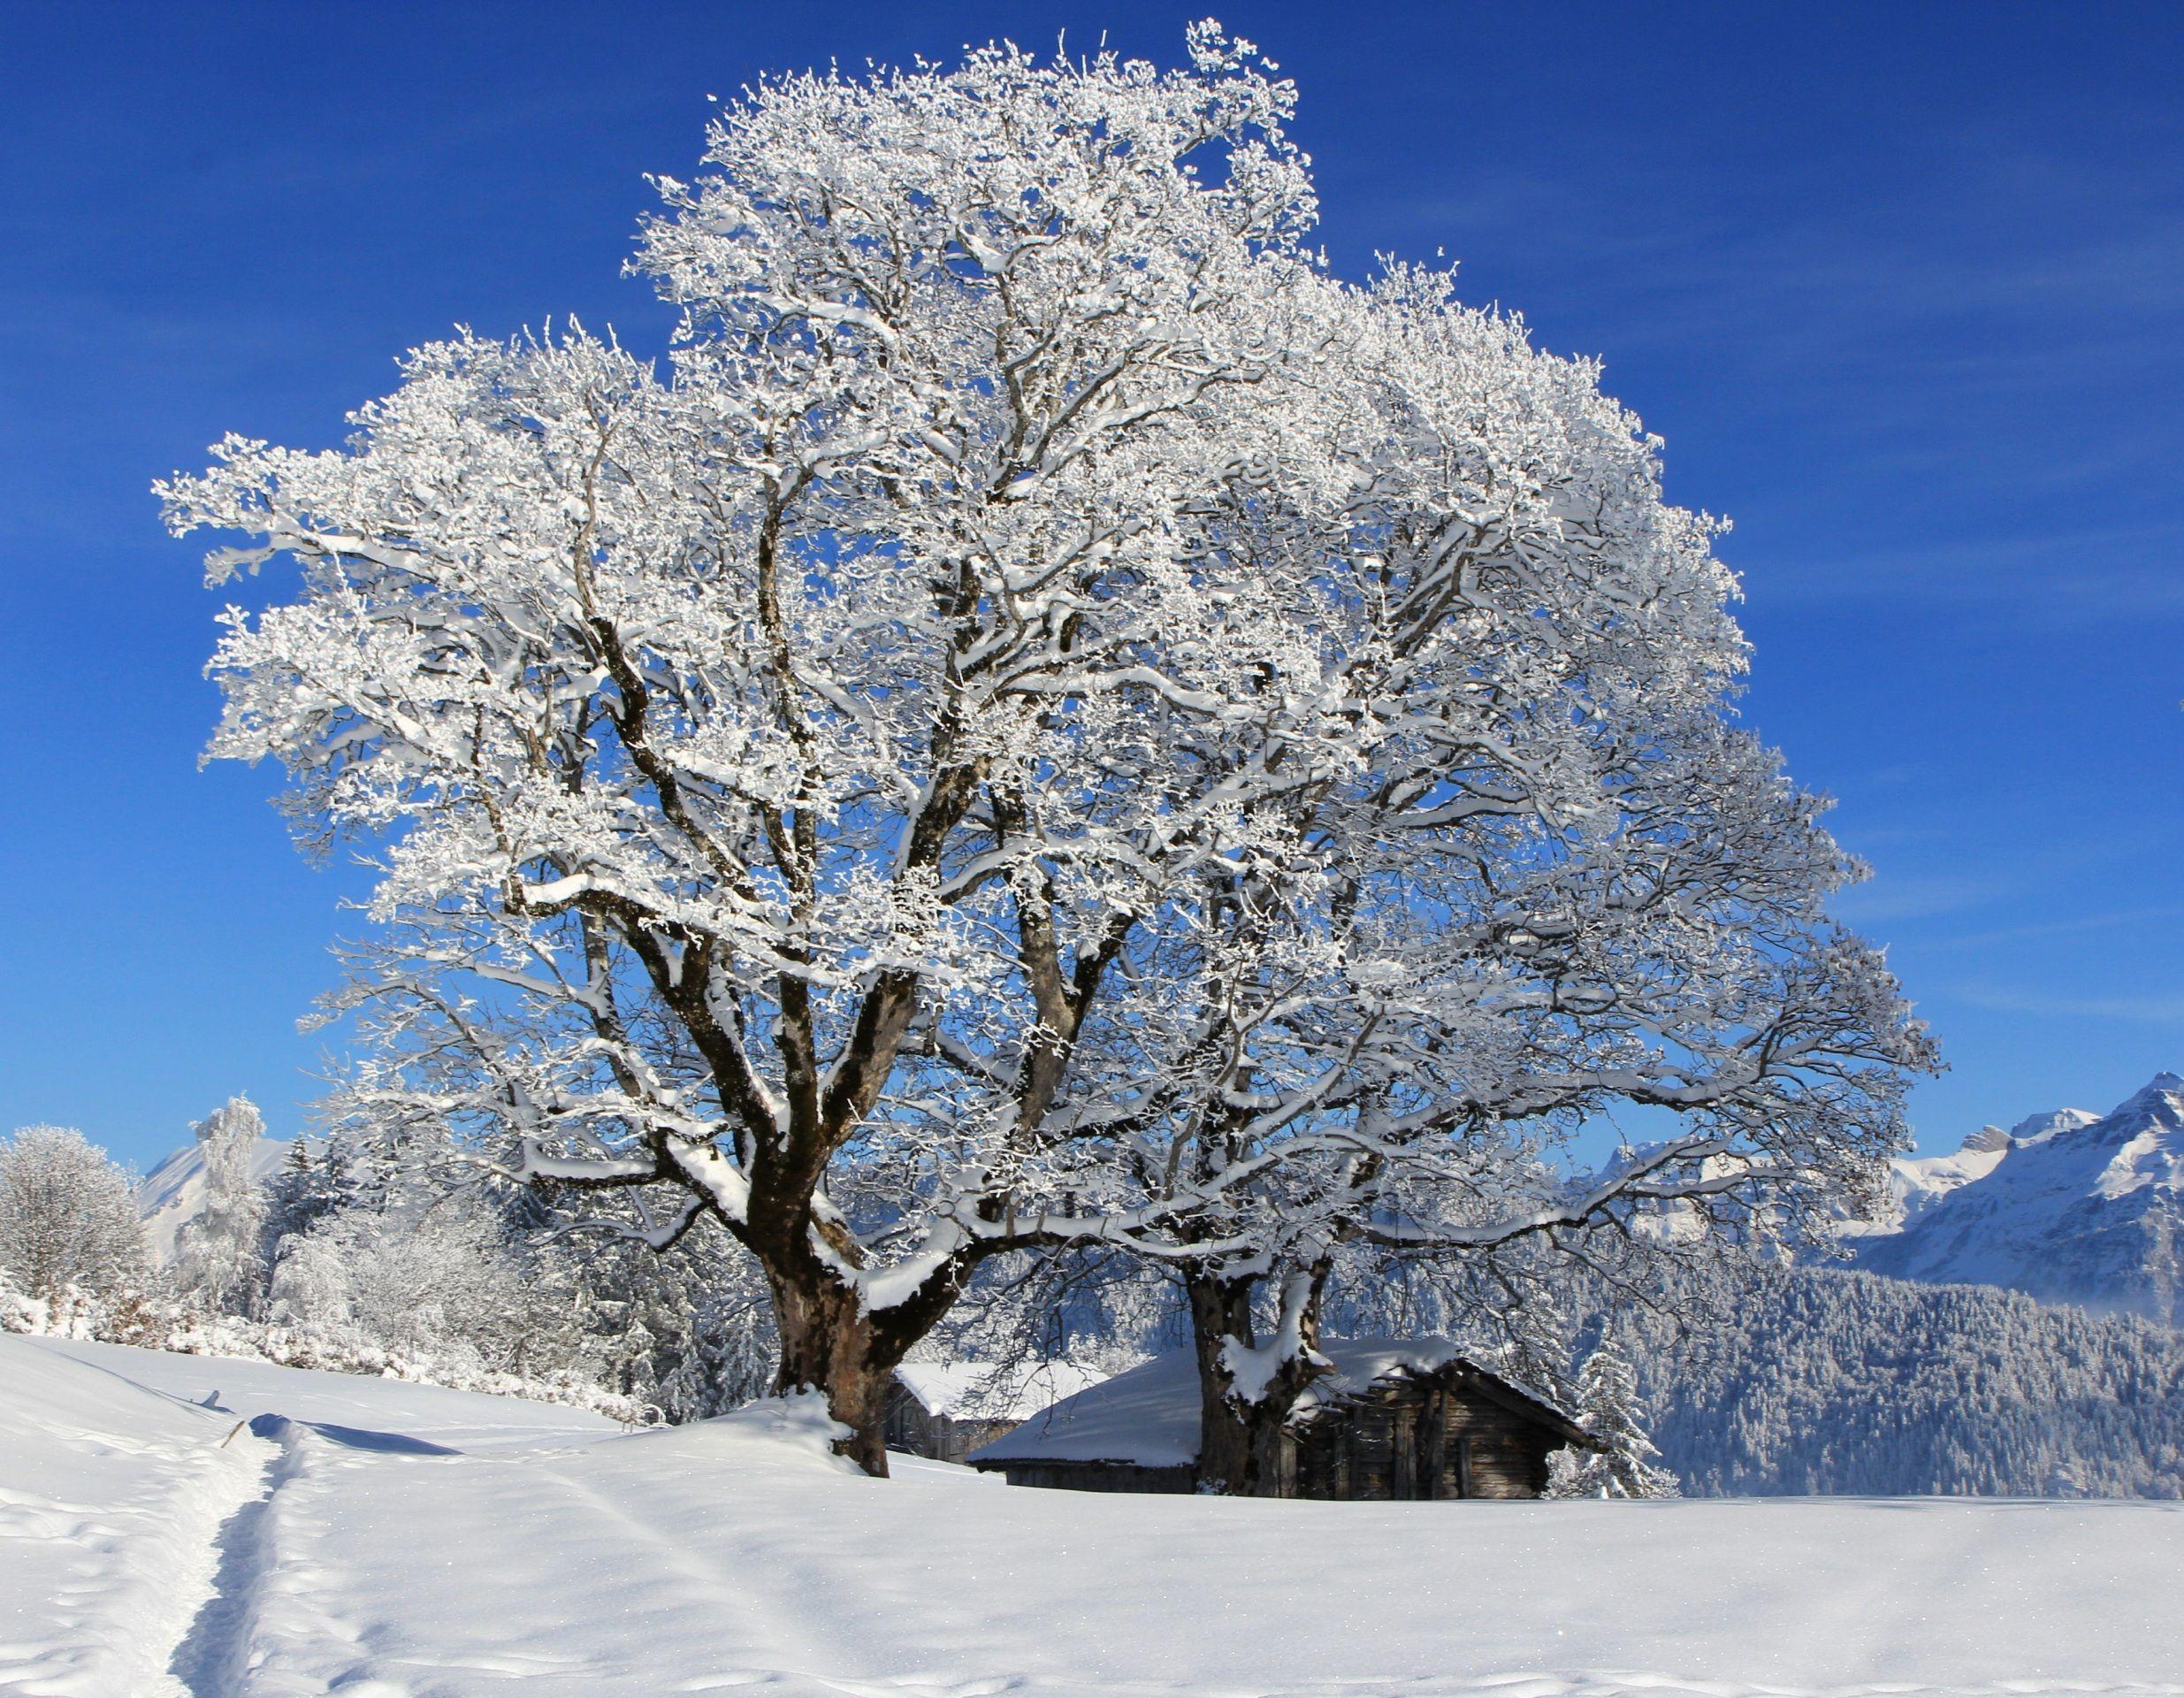 Fonds D Ecran Saison Hiver Neige Arbres Nature Image 405709 Telecharger Photo Arbre Arbre Paysage Avec Maison